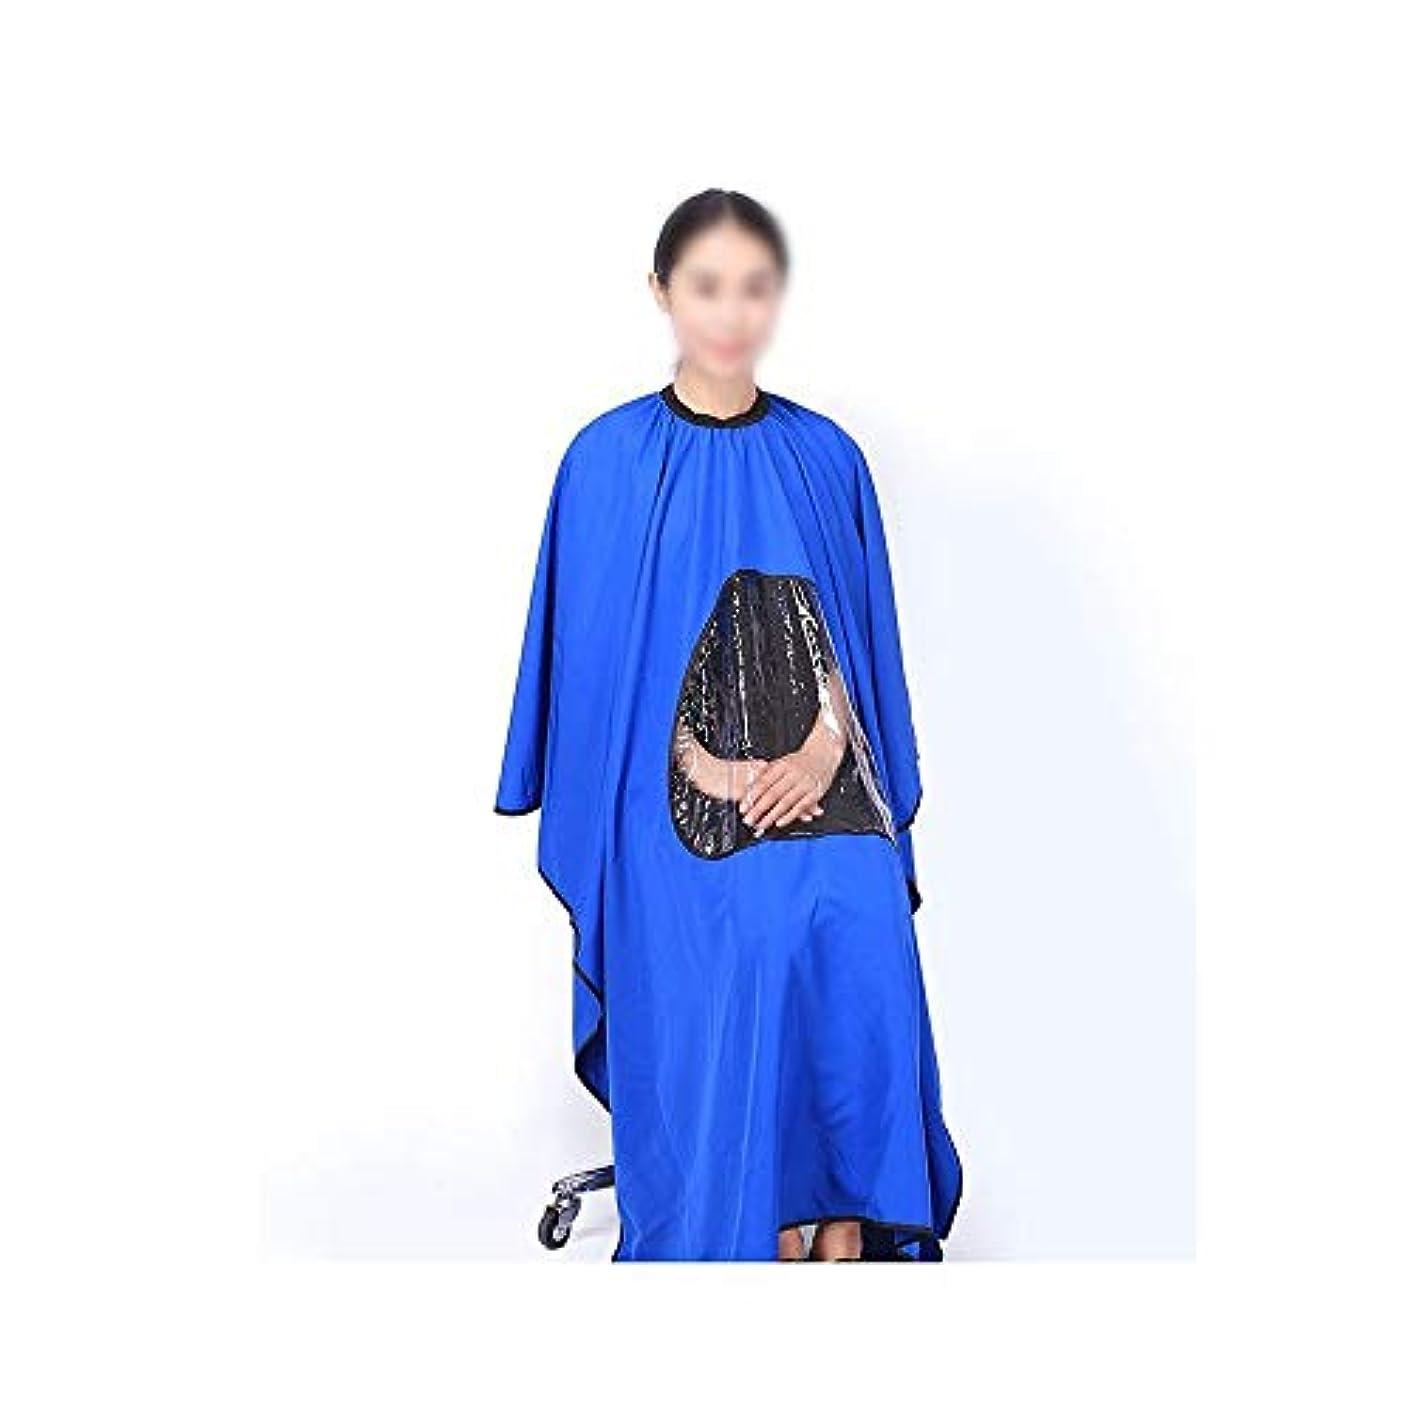 事前にさまよう聖歌黒い理髪ケープ布全身サロン髪カットガウン ヘアケア (色 : 青)